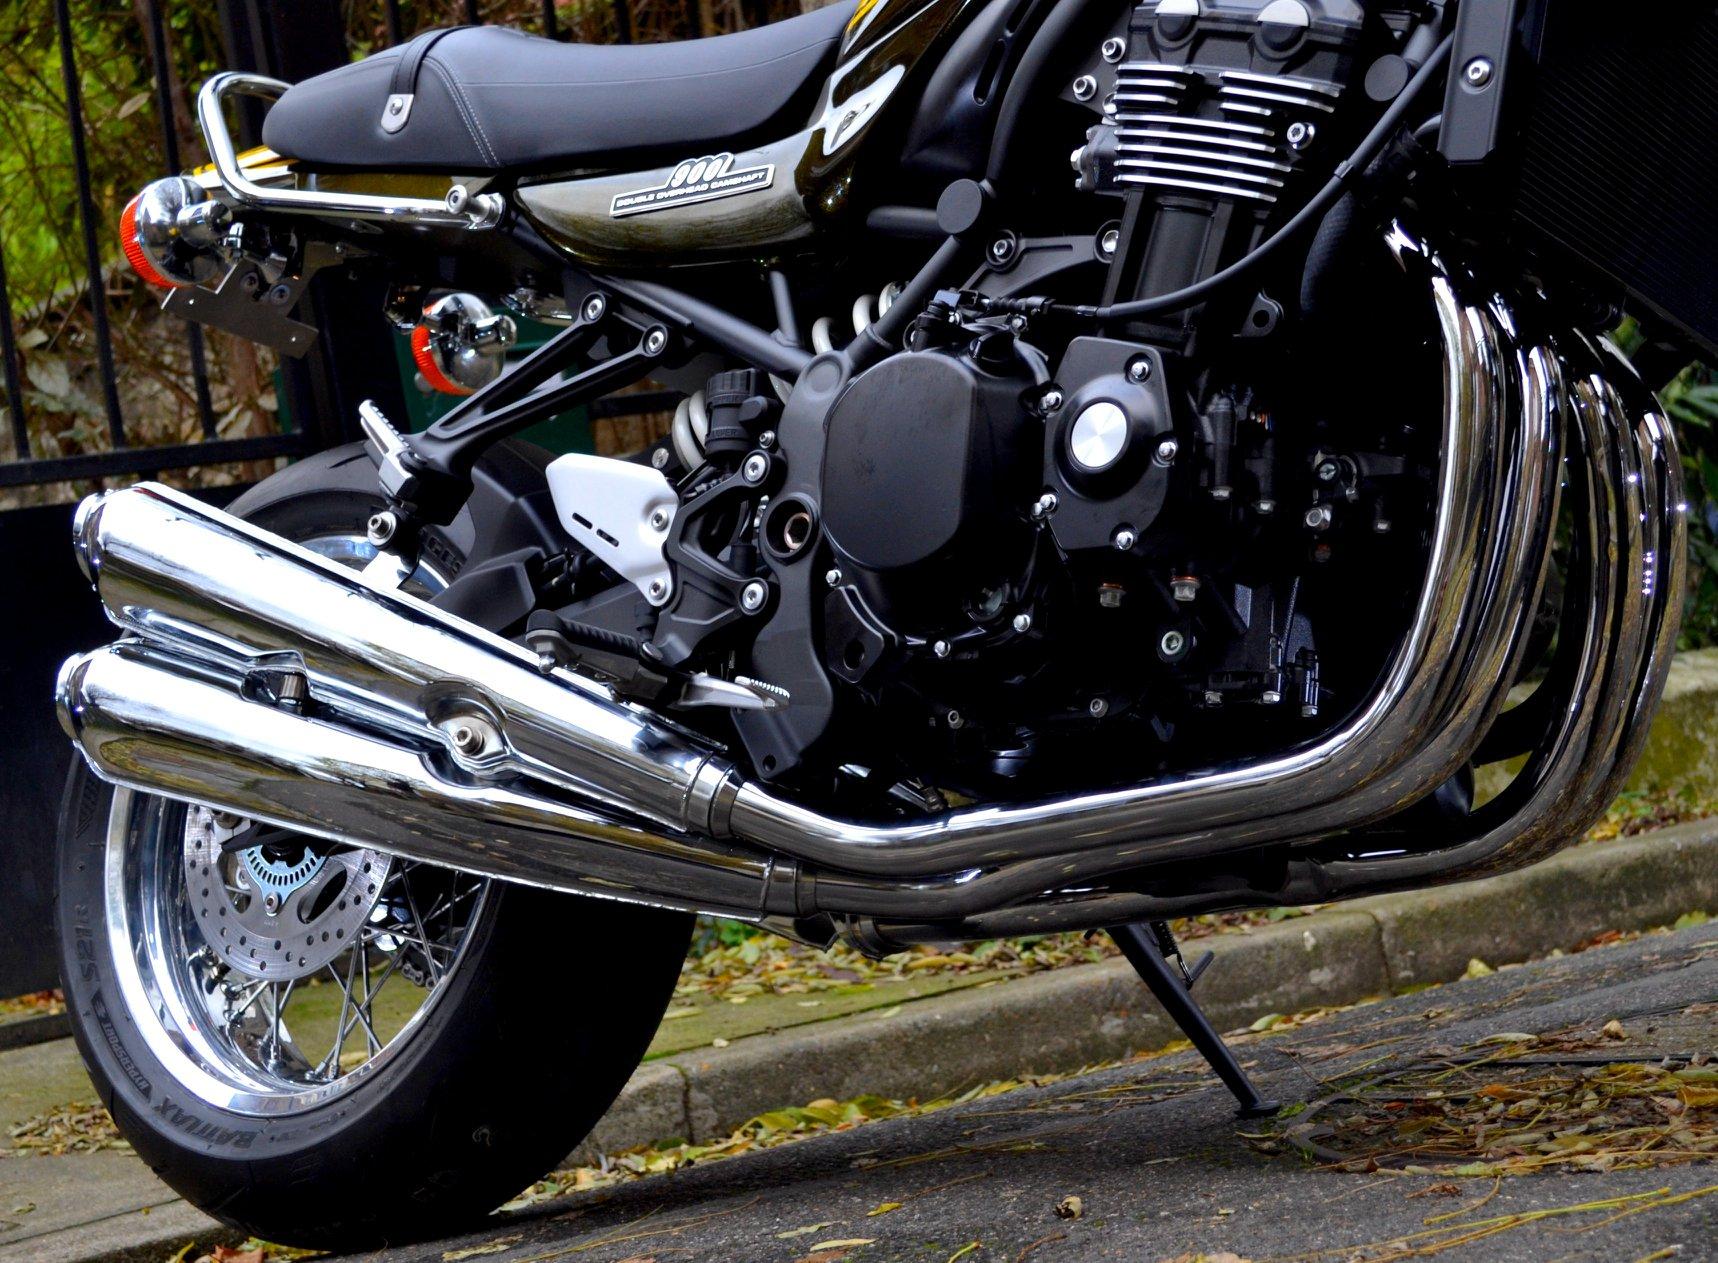 z900rs-n7-kb-style2